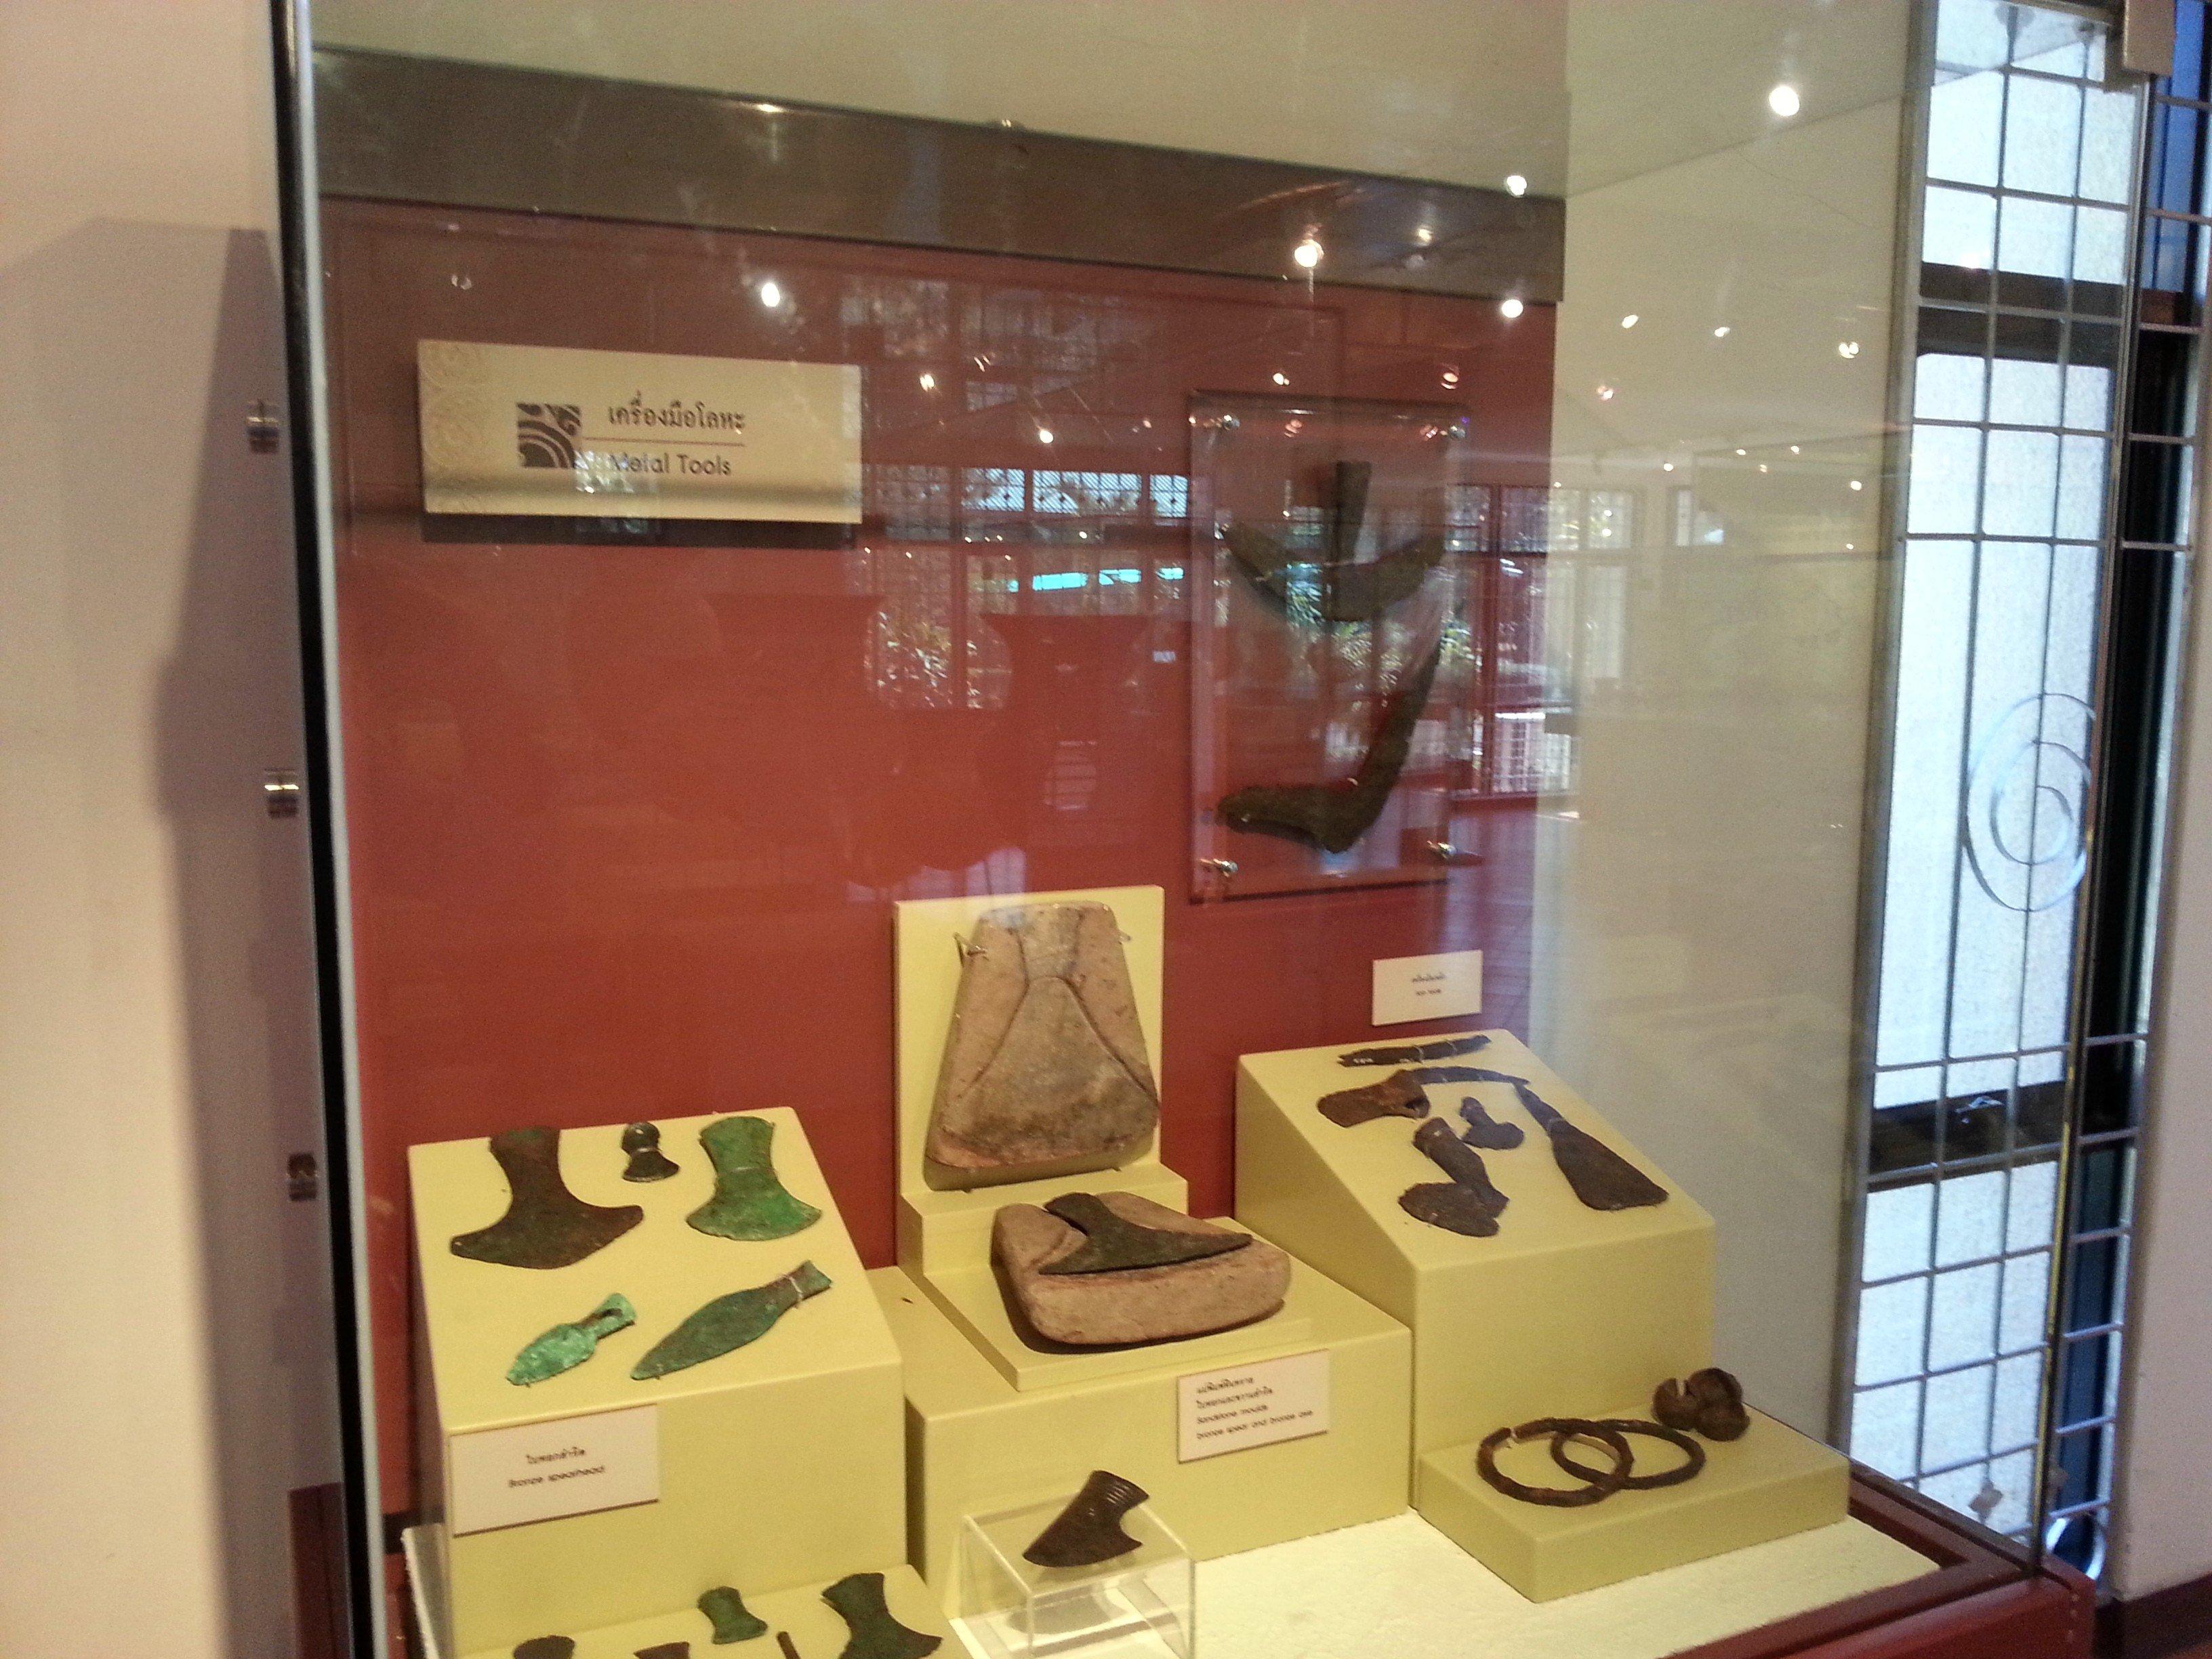 Metal tools displayed at Ban Chiang Museum